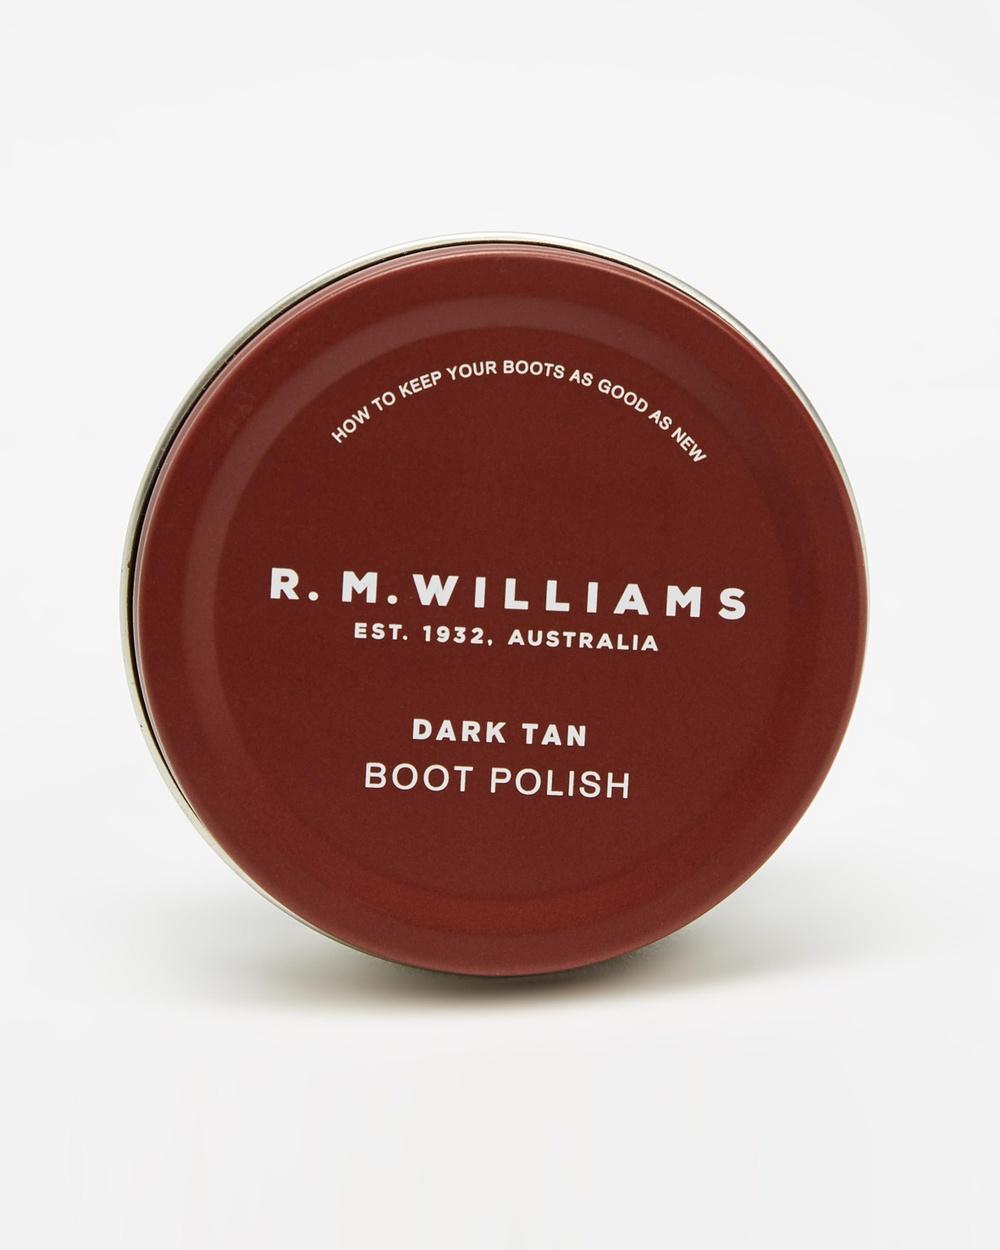 R.M.Williams Stockman's Boot Polish Accessories Dark Tan